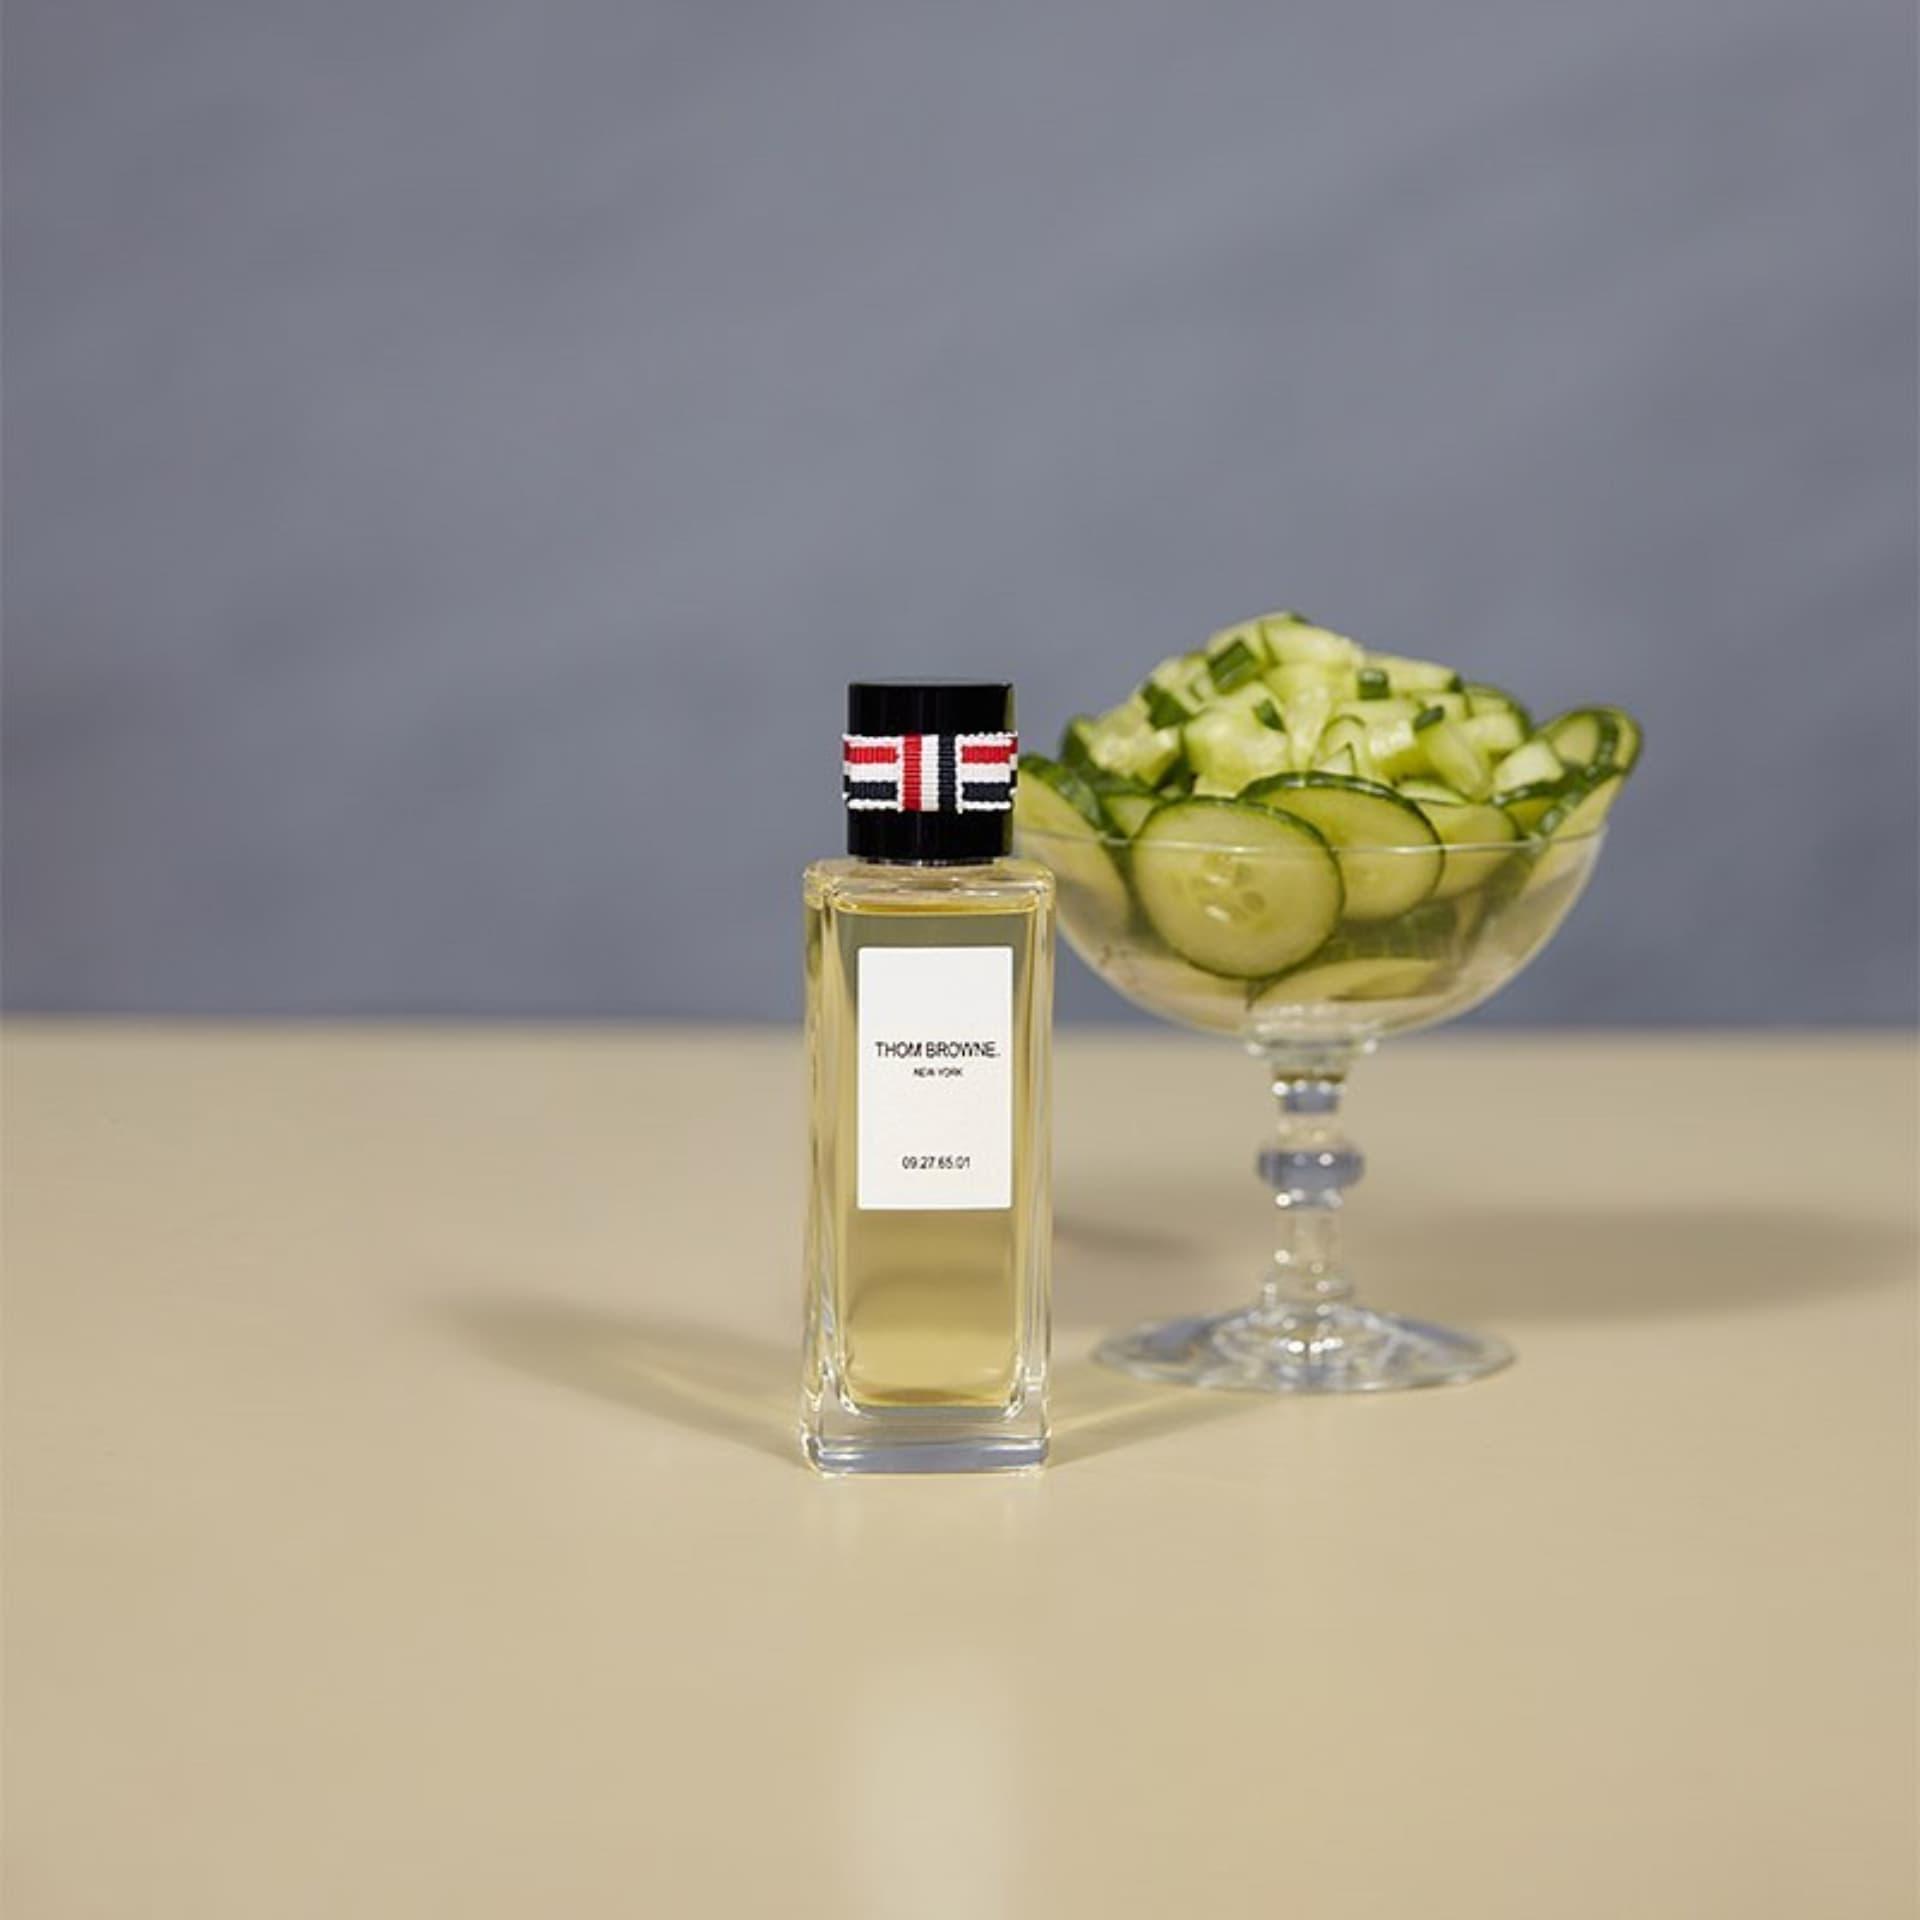 Thom Browne lanzó su línea de perfume inspiradas en cócteles y flores